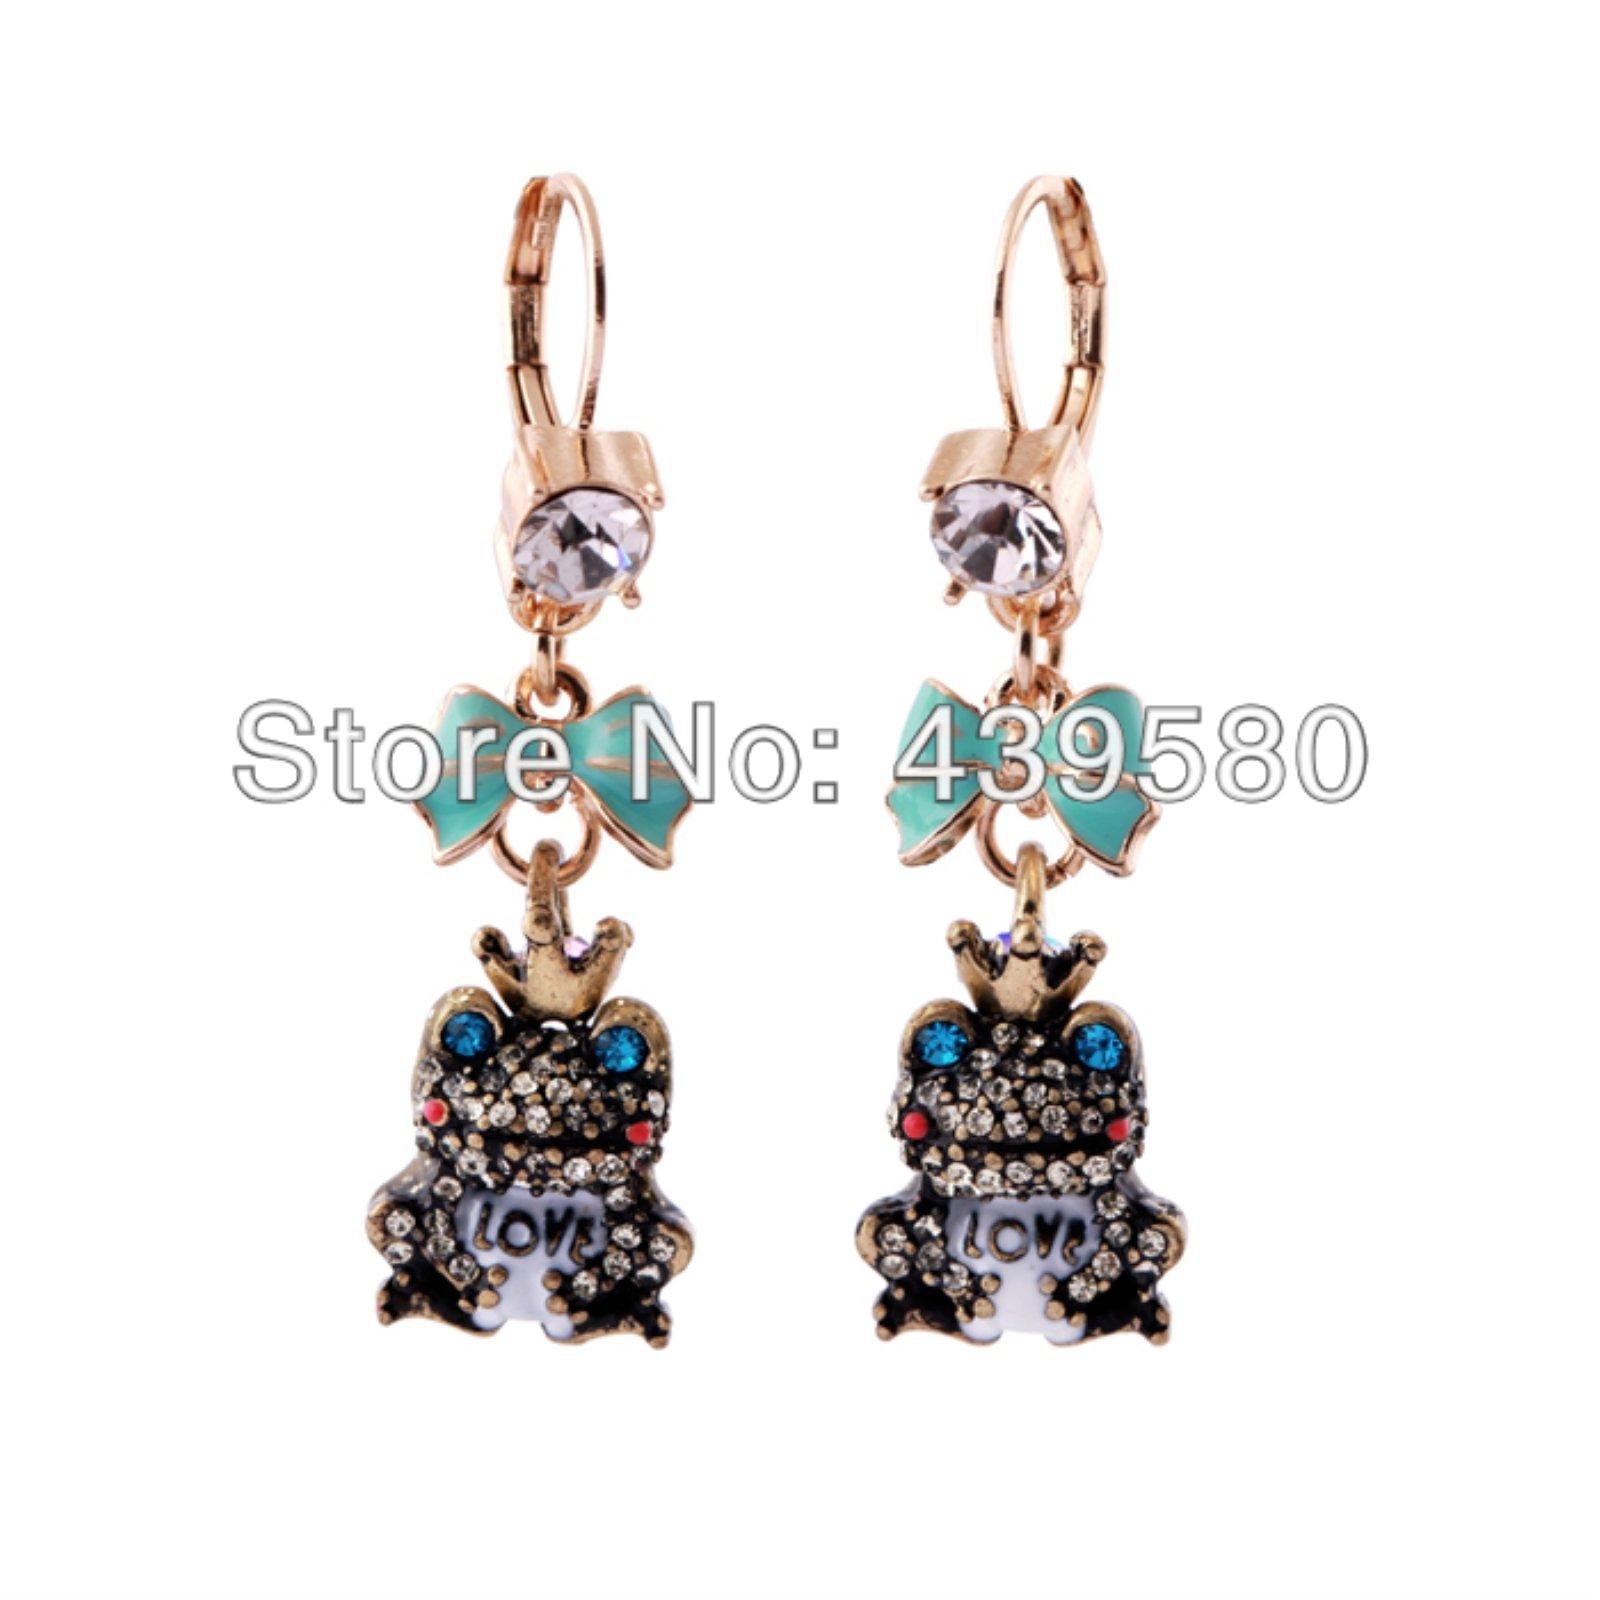 ptk12 Vintage Style Enamel Bow Blue Crystal Frog Earrings Cute Animal Design Women Hanging